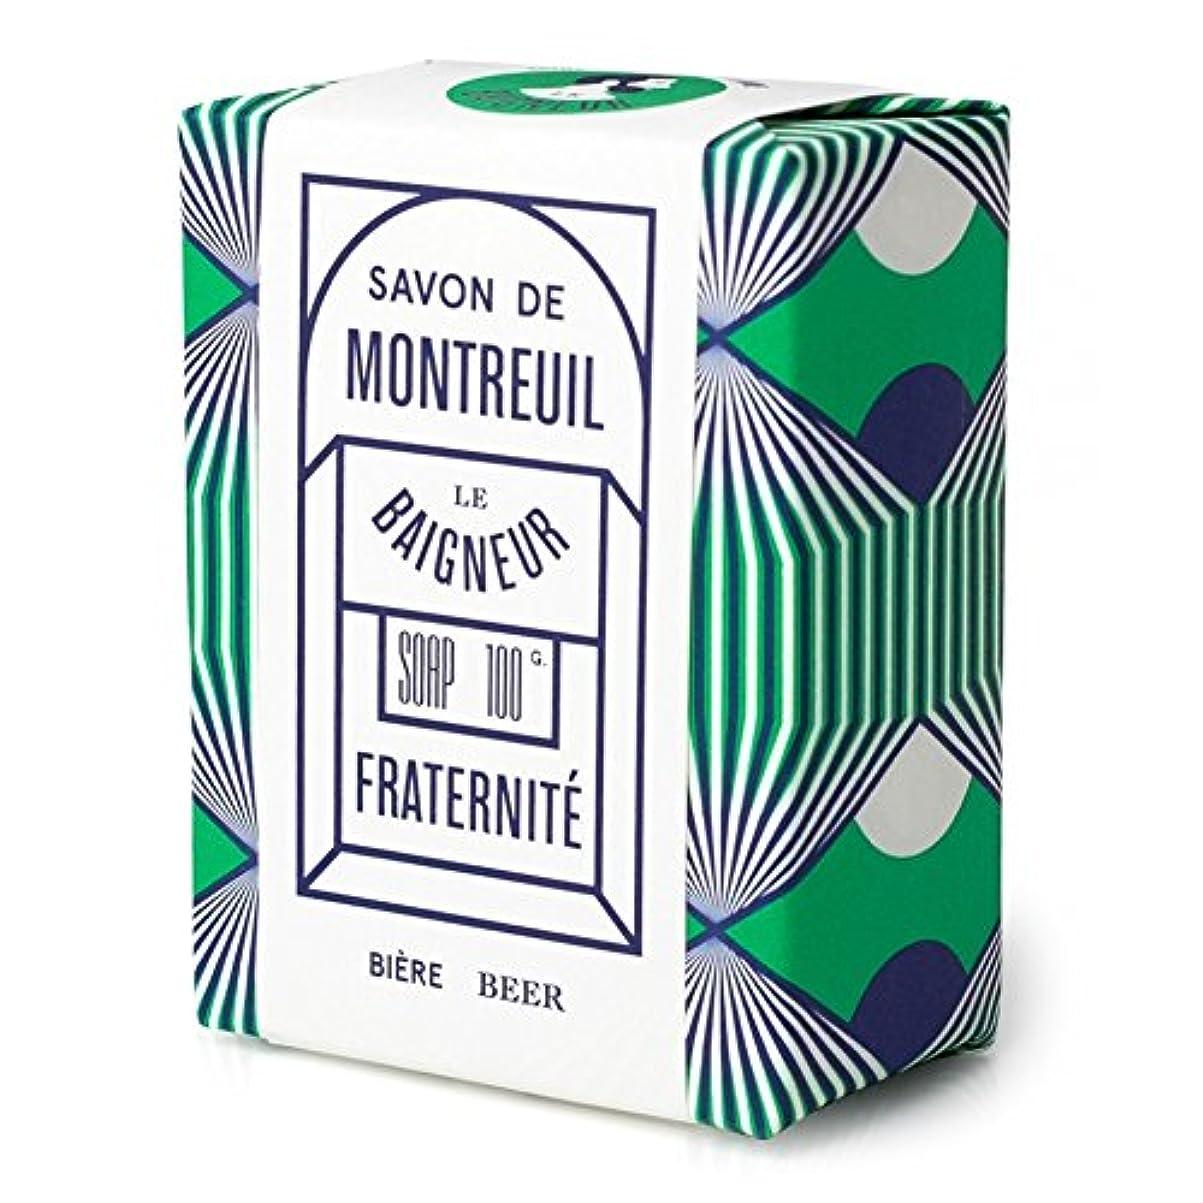 官僚反応するトレードル 石鹸100グラム x4 - Le Baigneur Fraternite Soap 100g (Pack of 4) [並行輸入品]